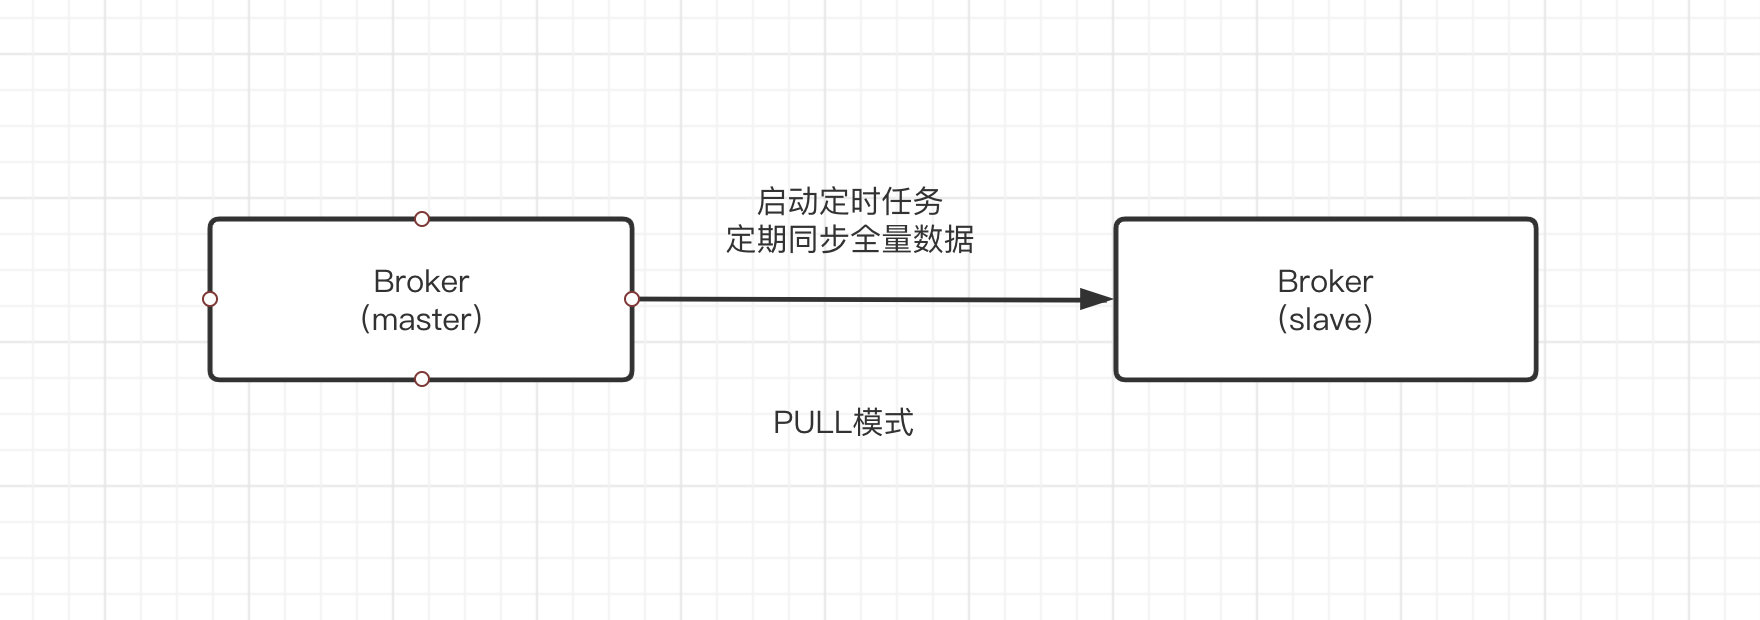 RocketMQ基础概念剖析&源码解析